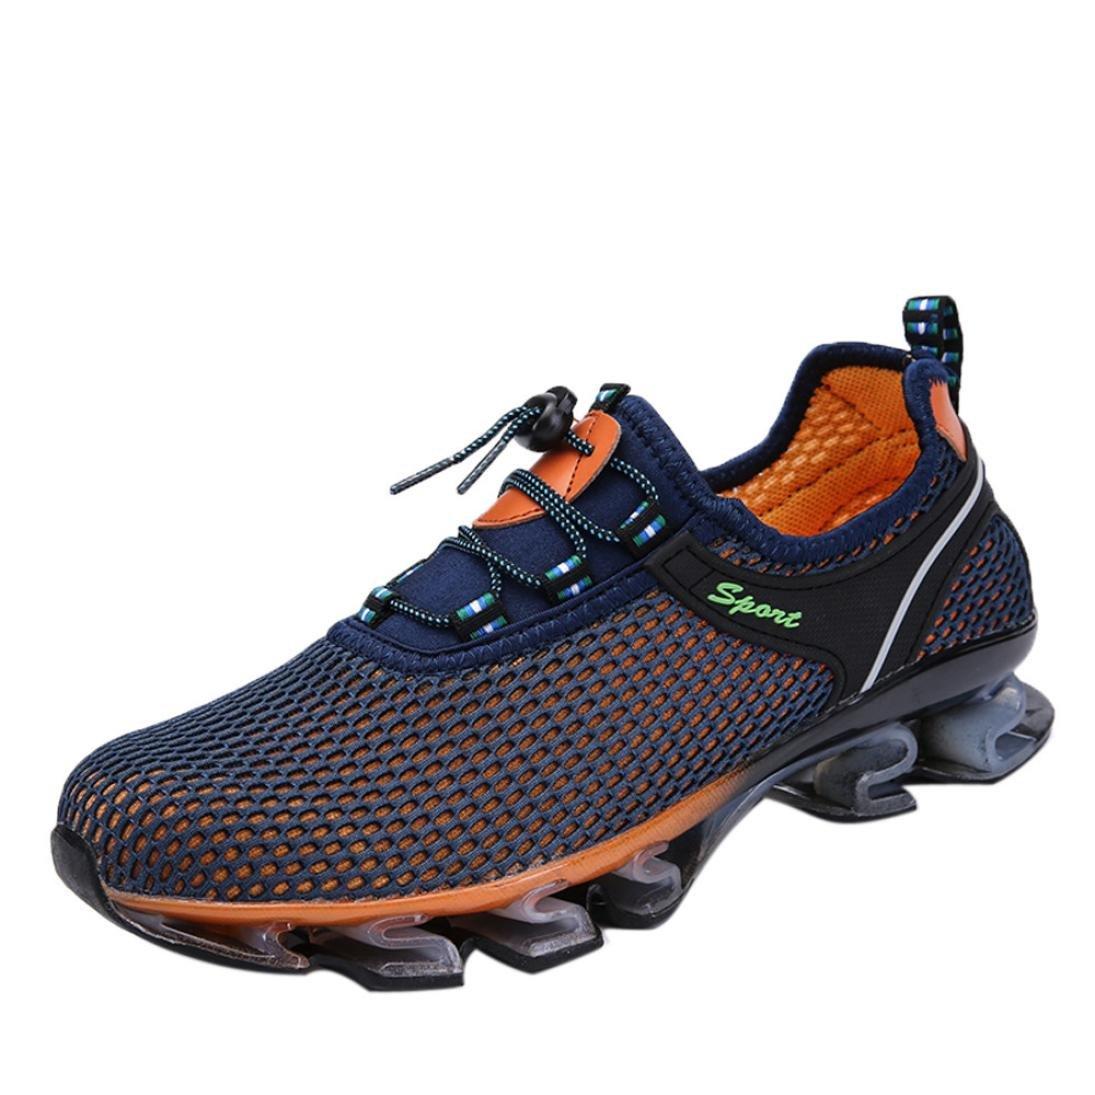 Hombre Zapatillas de Deporte Zapatos Deportivos Aire Libre y Deportes Zapatillas de Running Gimnasia Mens Running Light Mesh Athletic Walking Sneaker ...